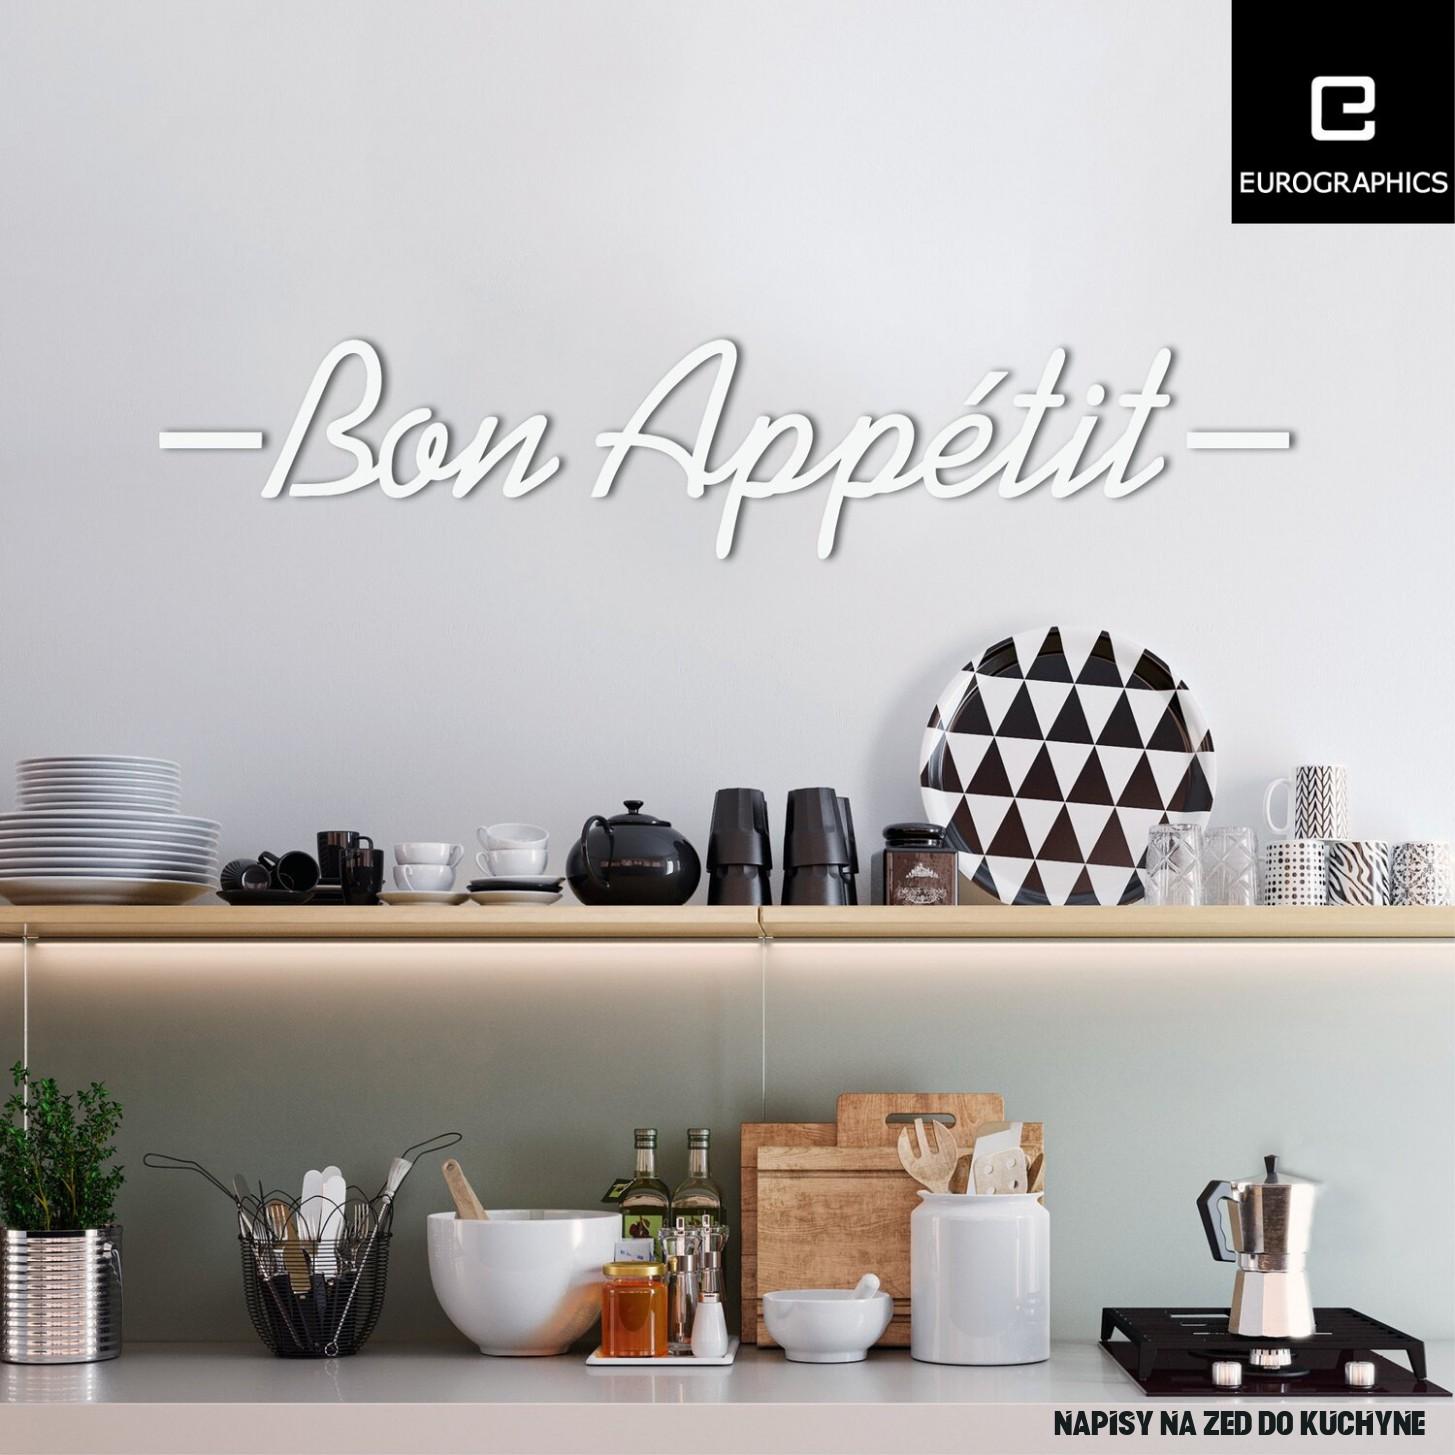 """Eurographics Tetování na zeď nápis """"Bon Appétit III"""" nakoupit u OBI"""